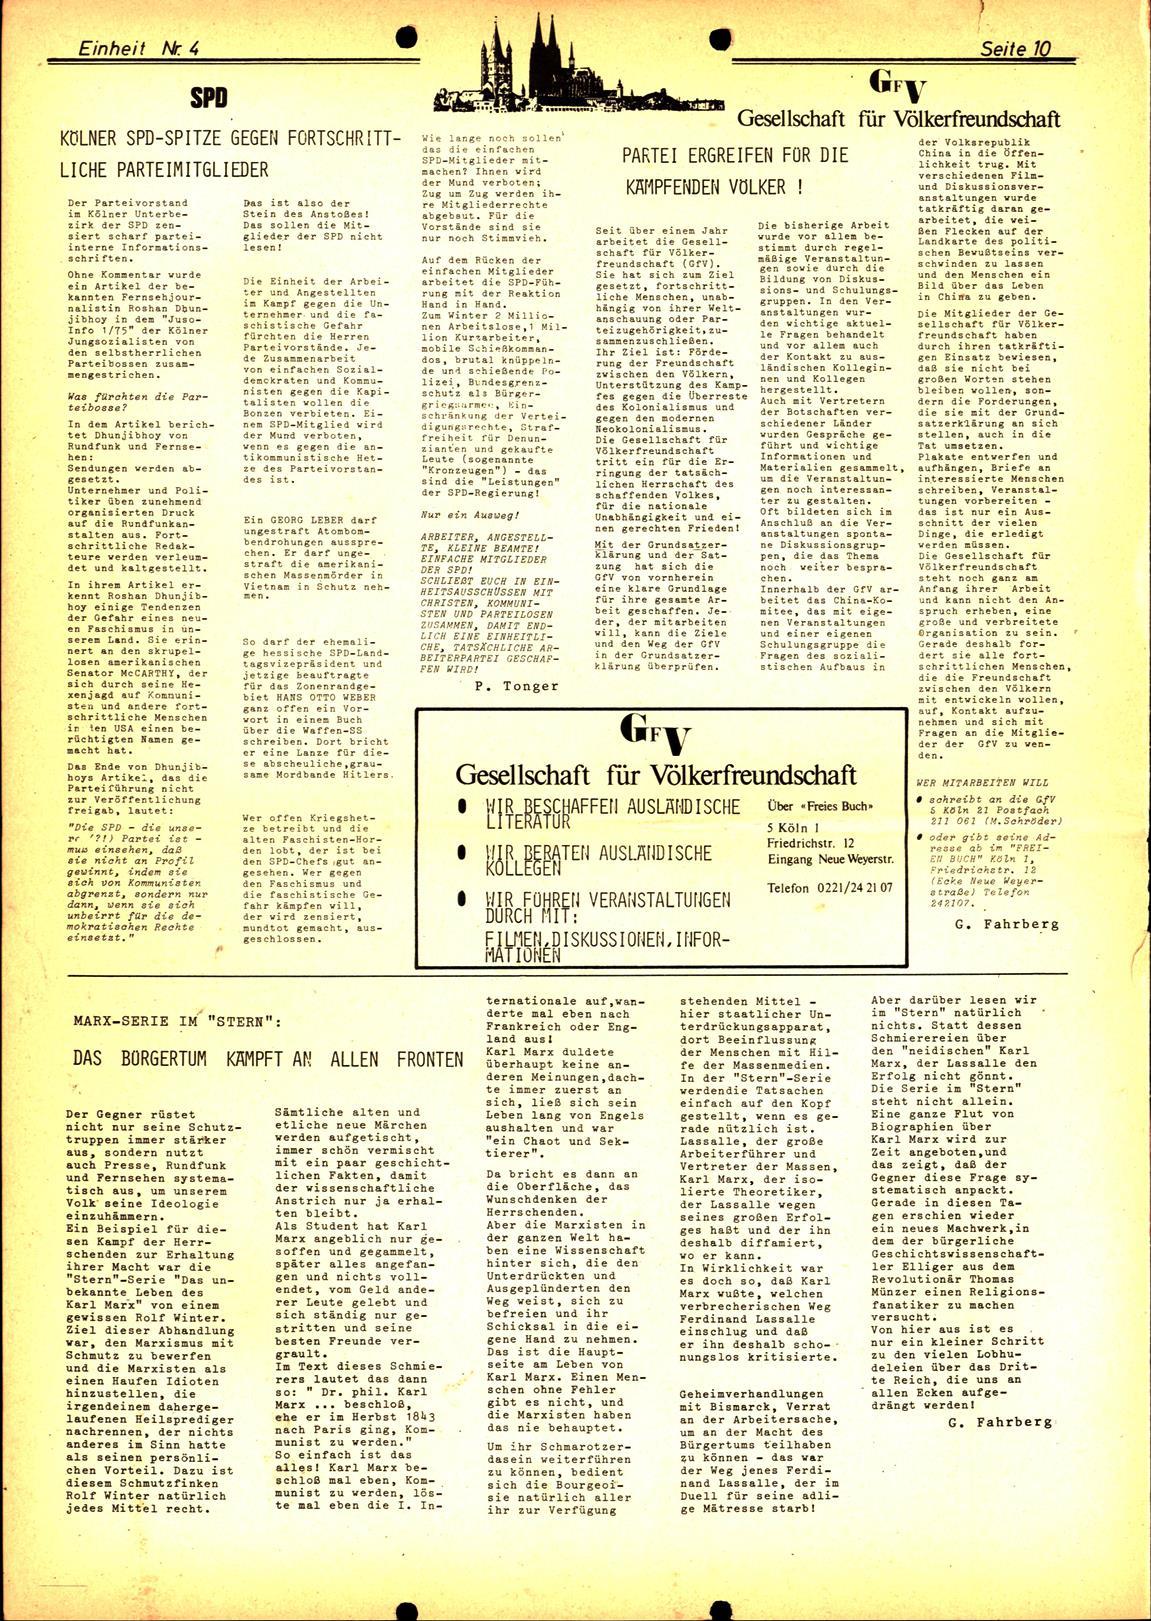 Koeln_IPdA_Einheit_1975_004_010